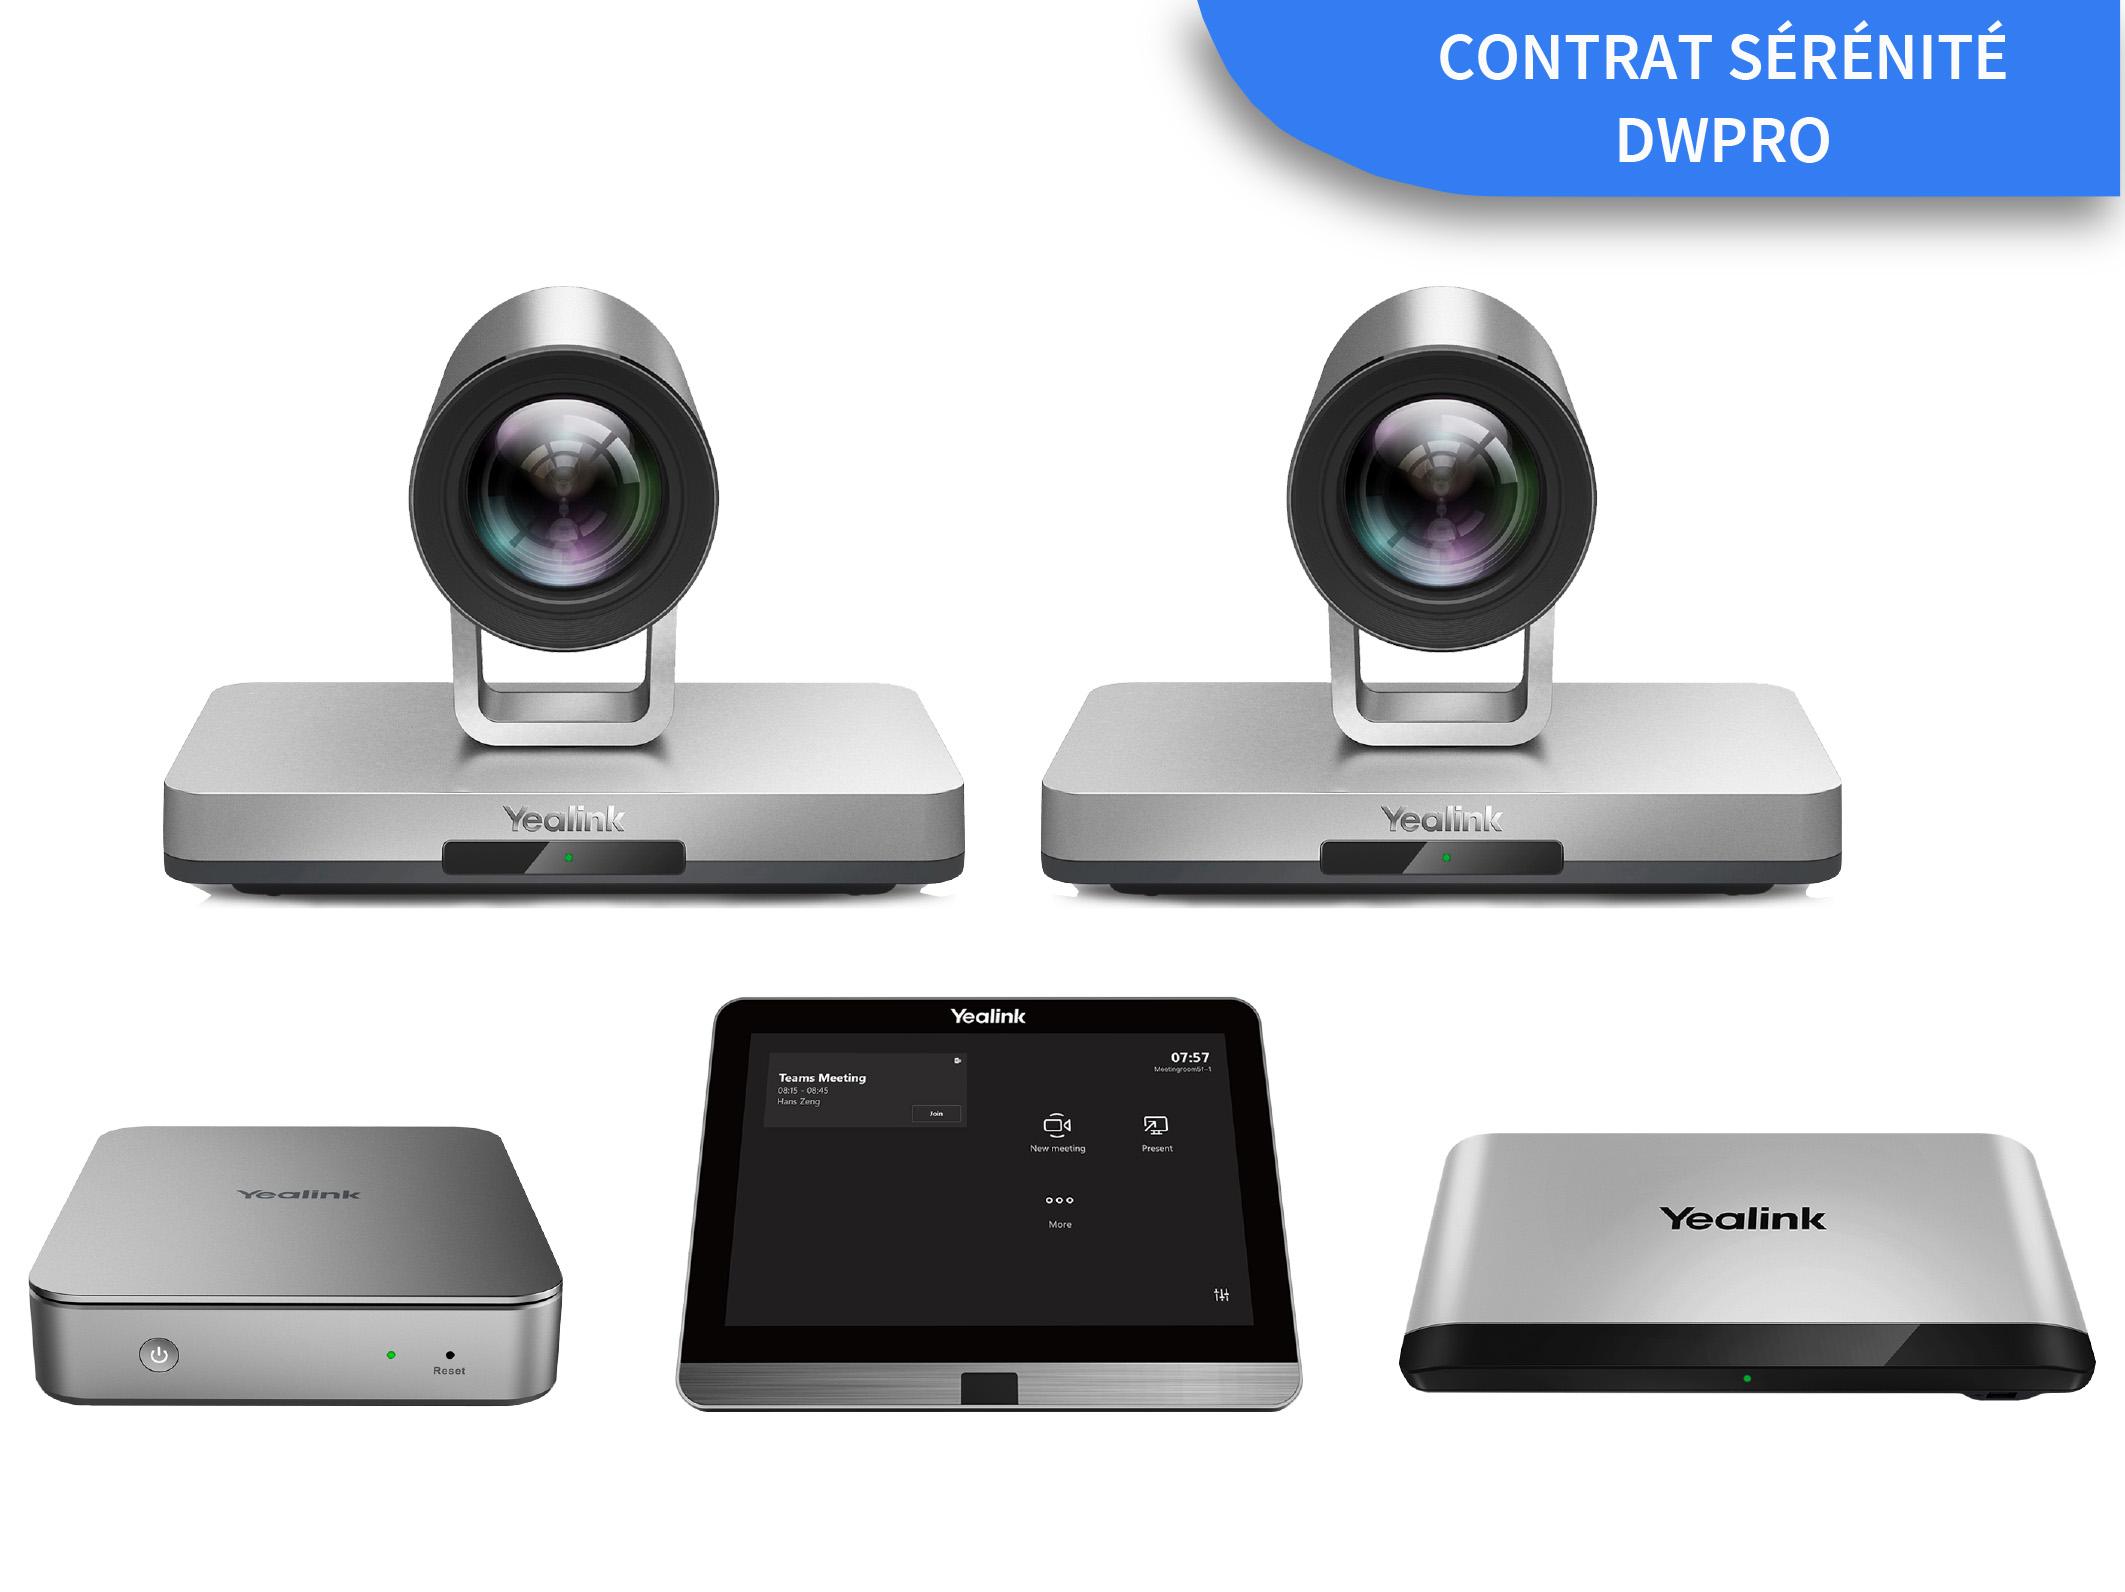 Contrat Sérénité 2 ans - Hotline   prêt et/ou échange s/site pour MVC900 II